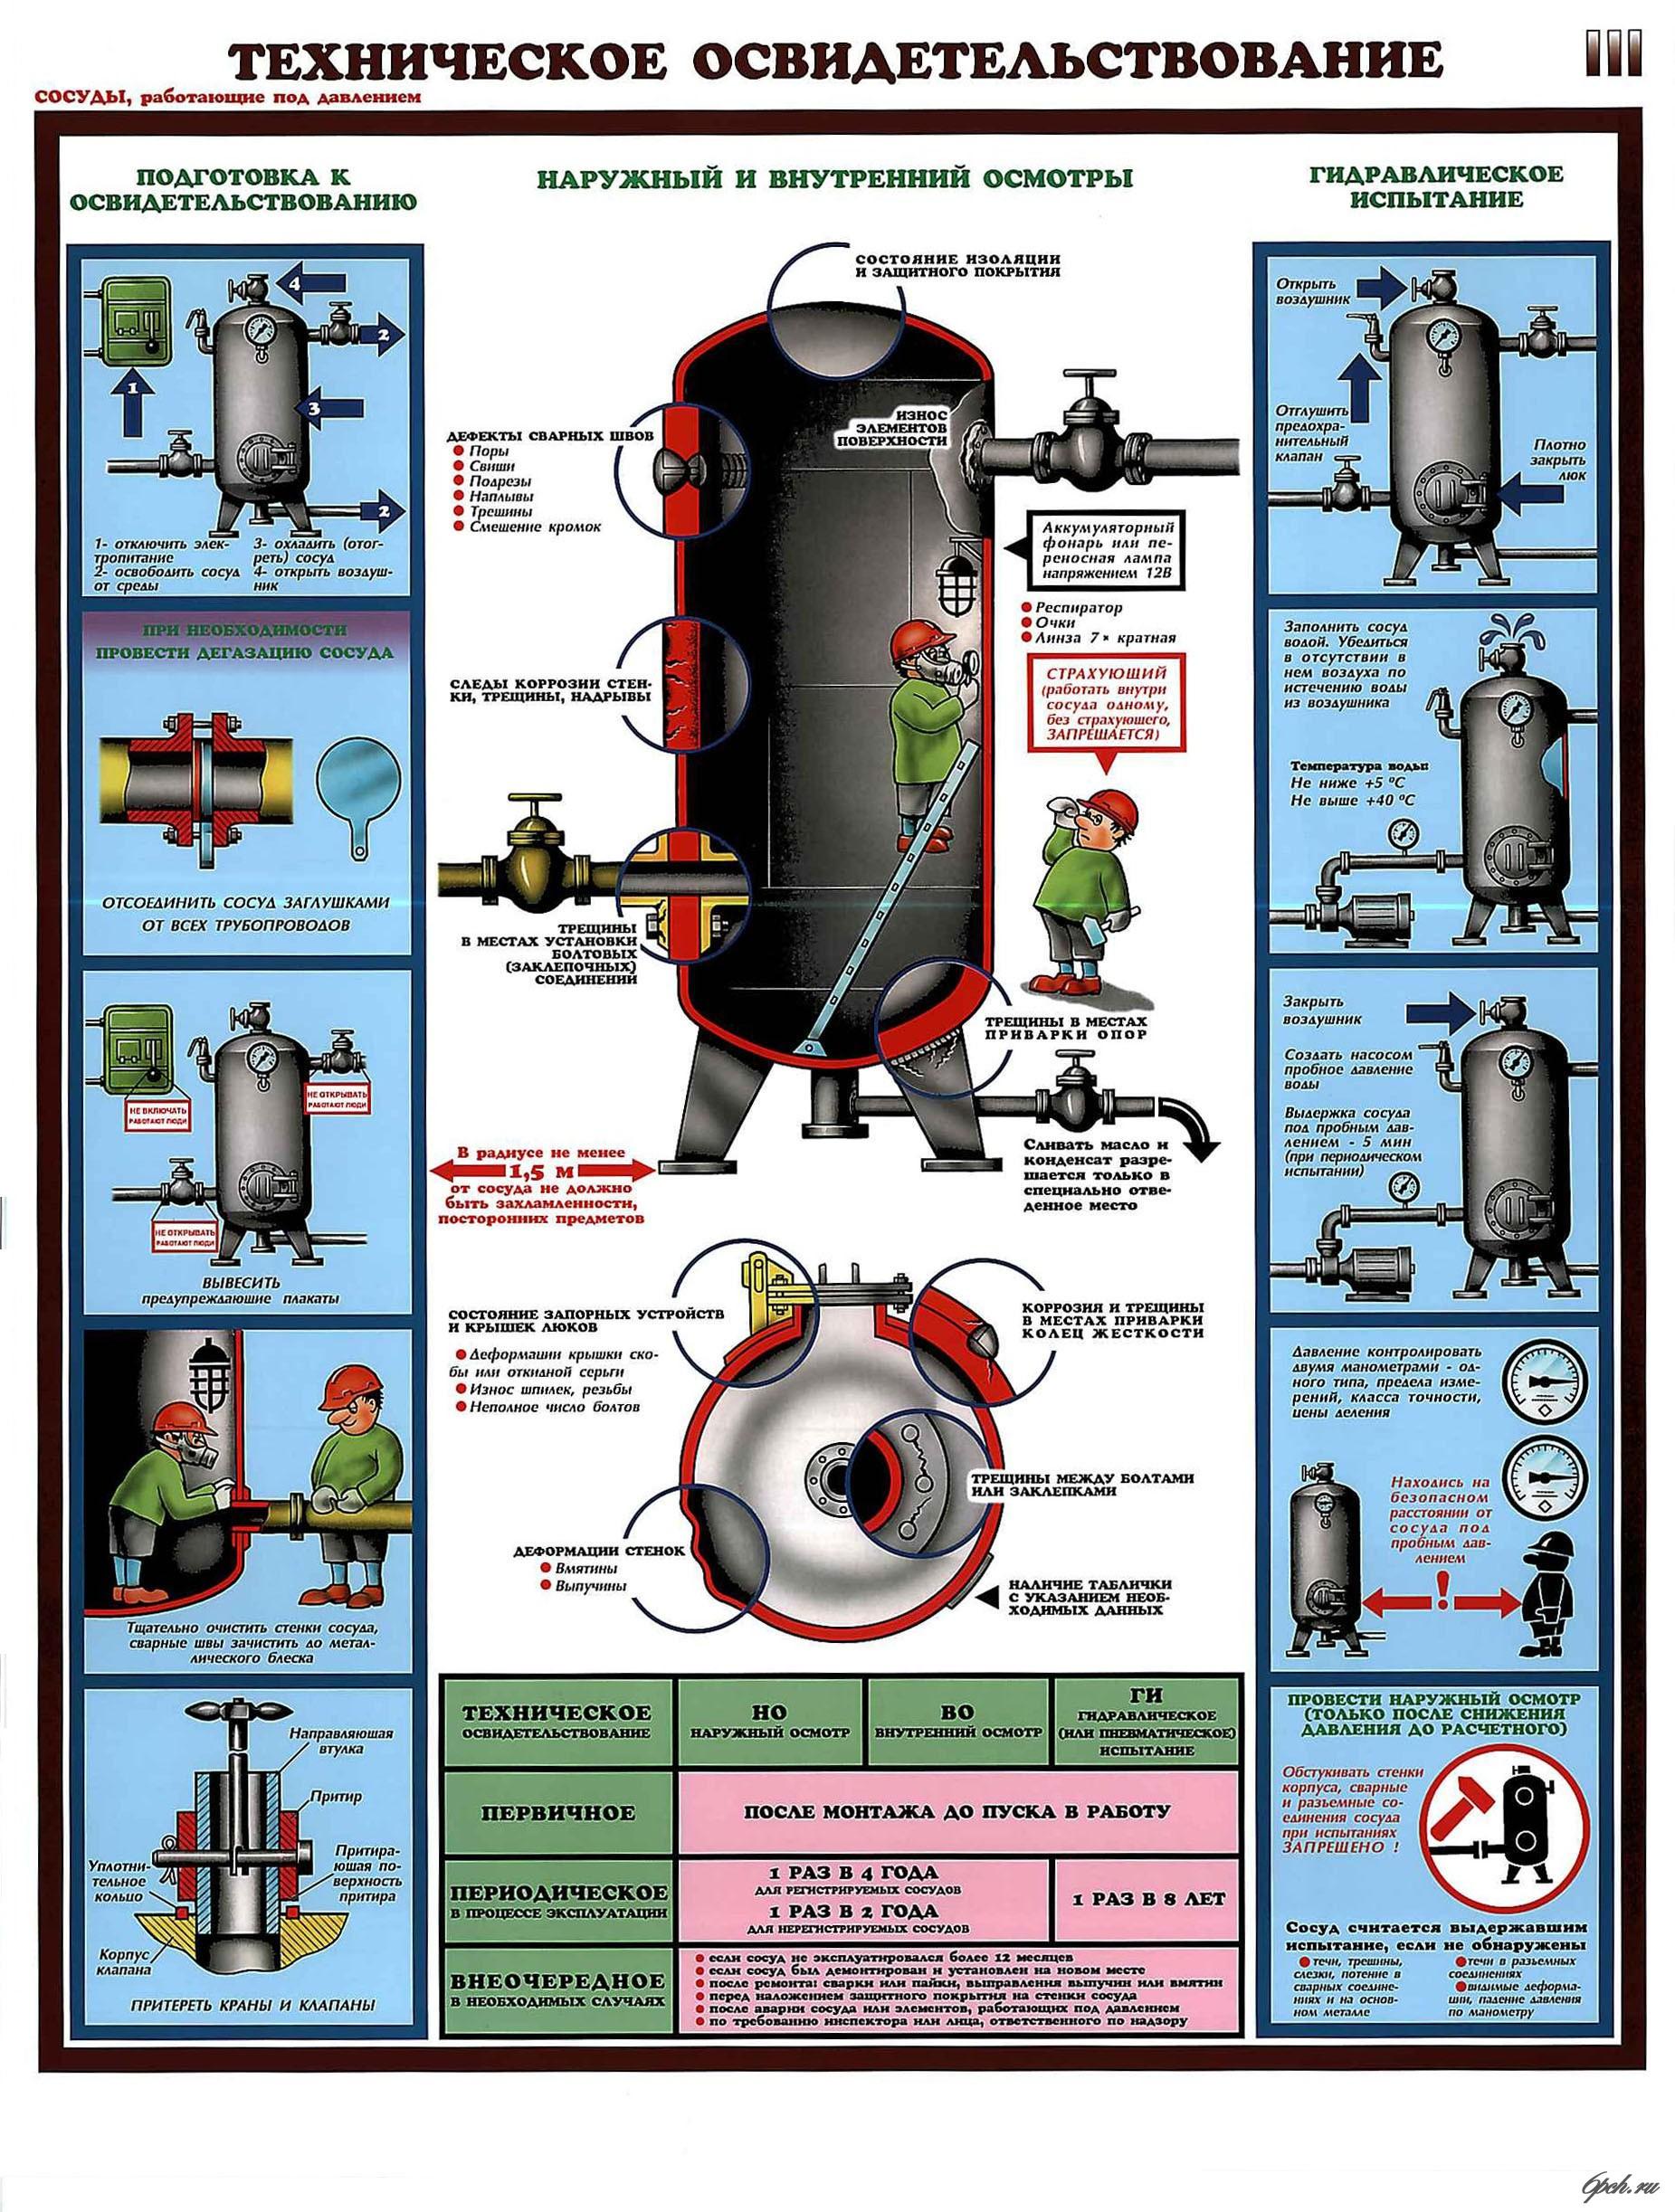 Порядок проведения гидравлических испытаний трубопроводов пдк   исполнительная документация